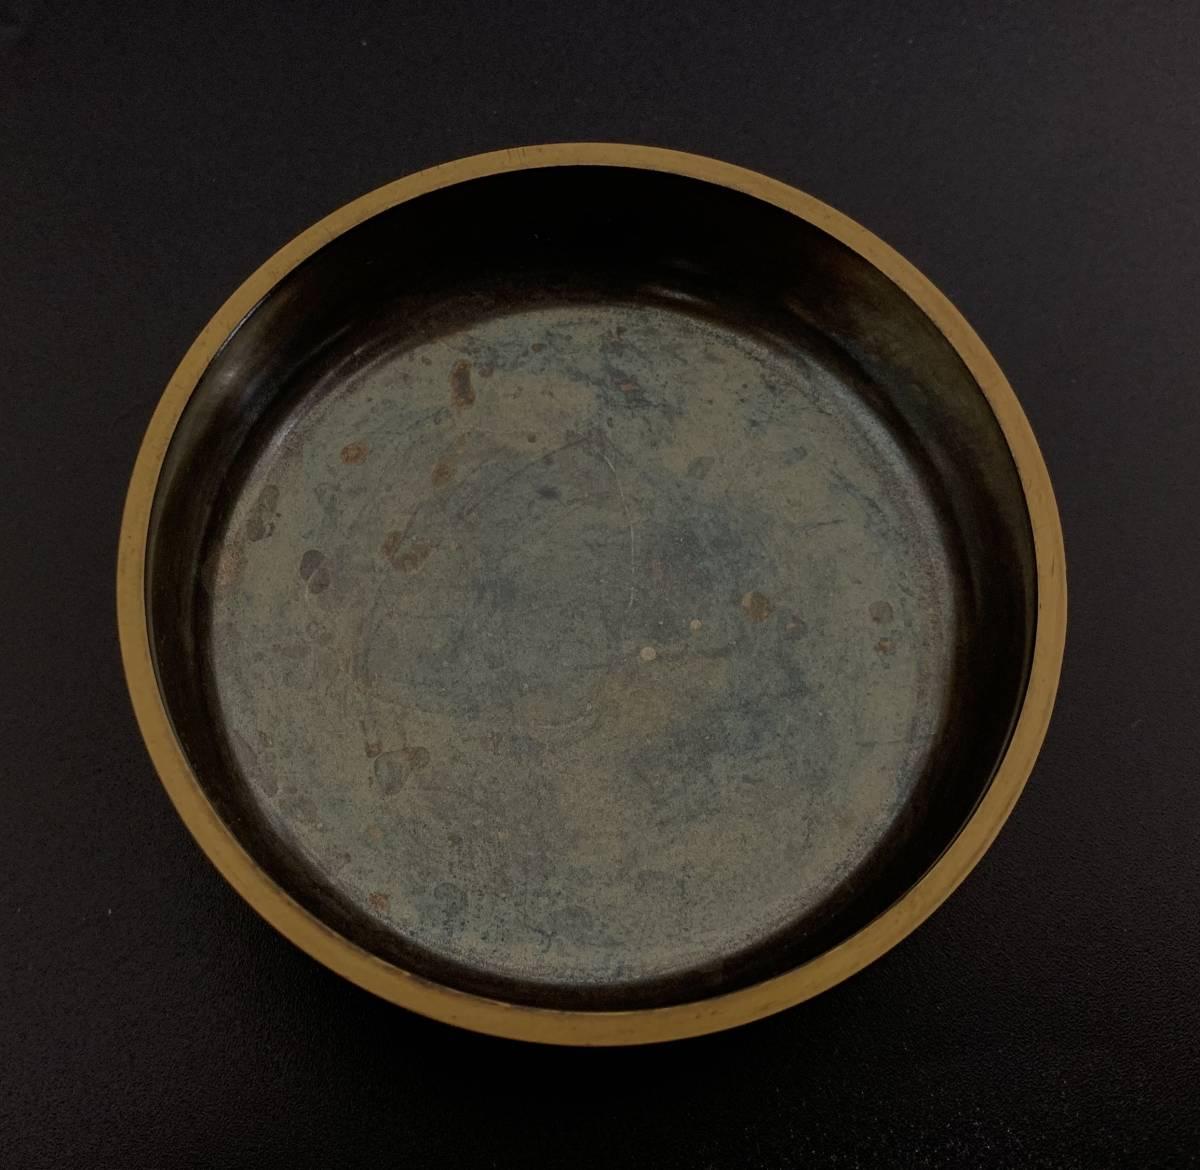 ◆坪井英憲(夕帆)作◆朝顔蒔絵 大棗 輪島塗 茶器 茶道具 共箱付き 伝統工芸品_画像6